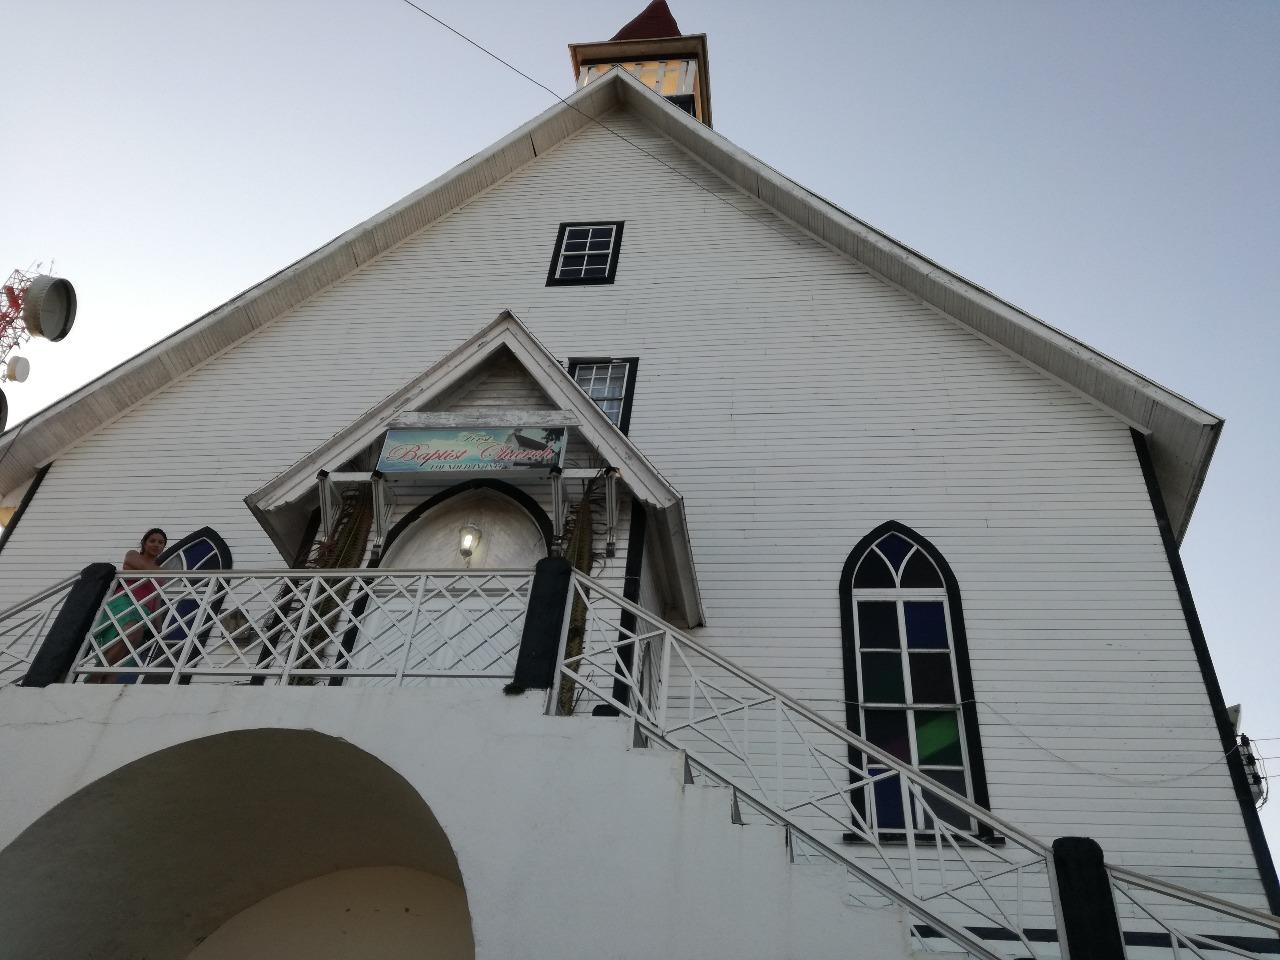 Iglesia Bautista - ColombiaTours.Travel - Blog - Cultura - San Andrés Islas